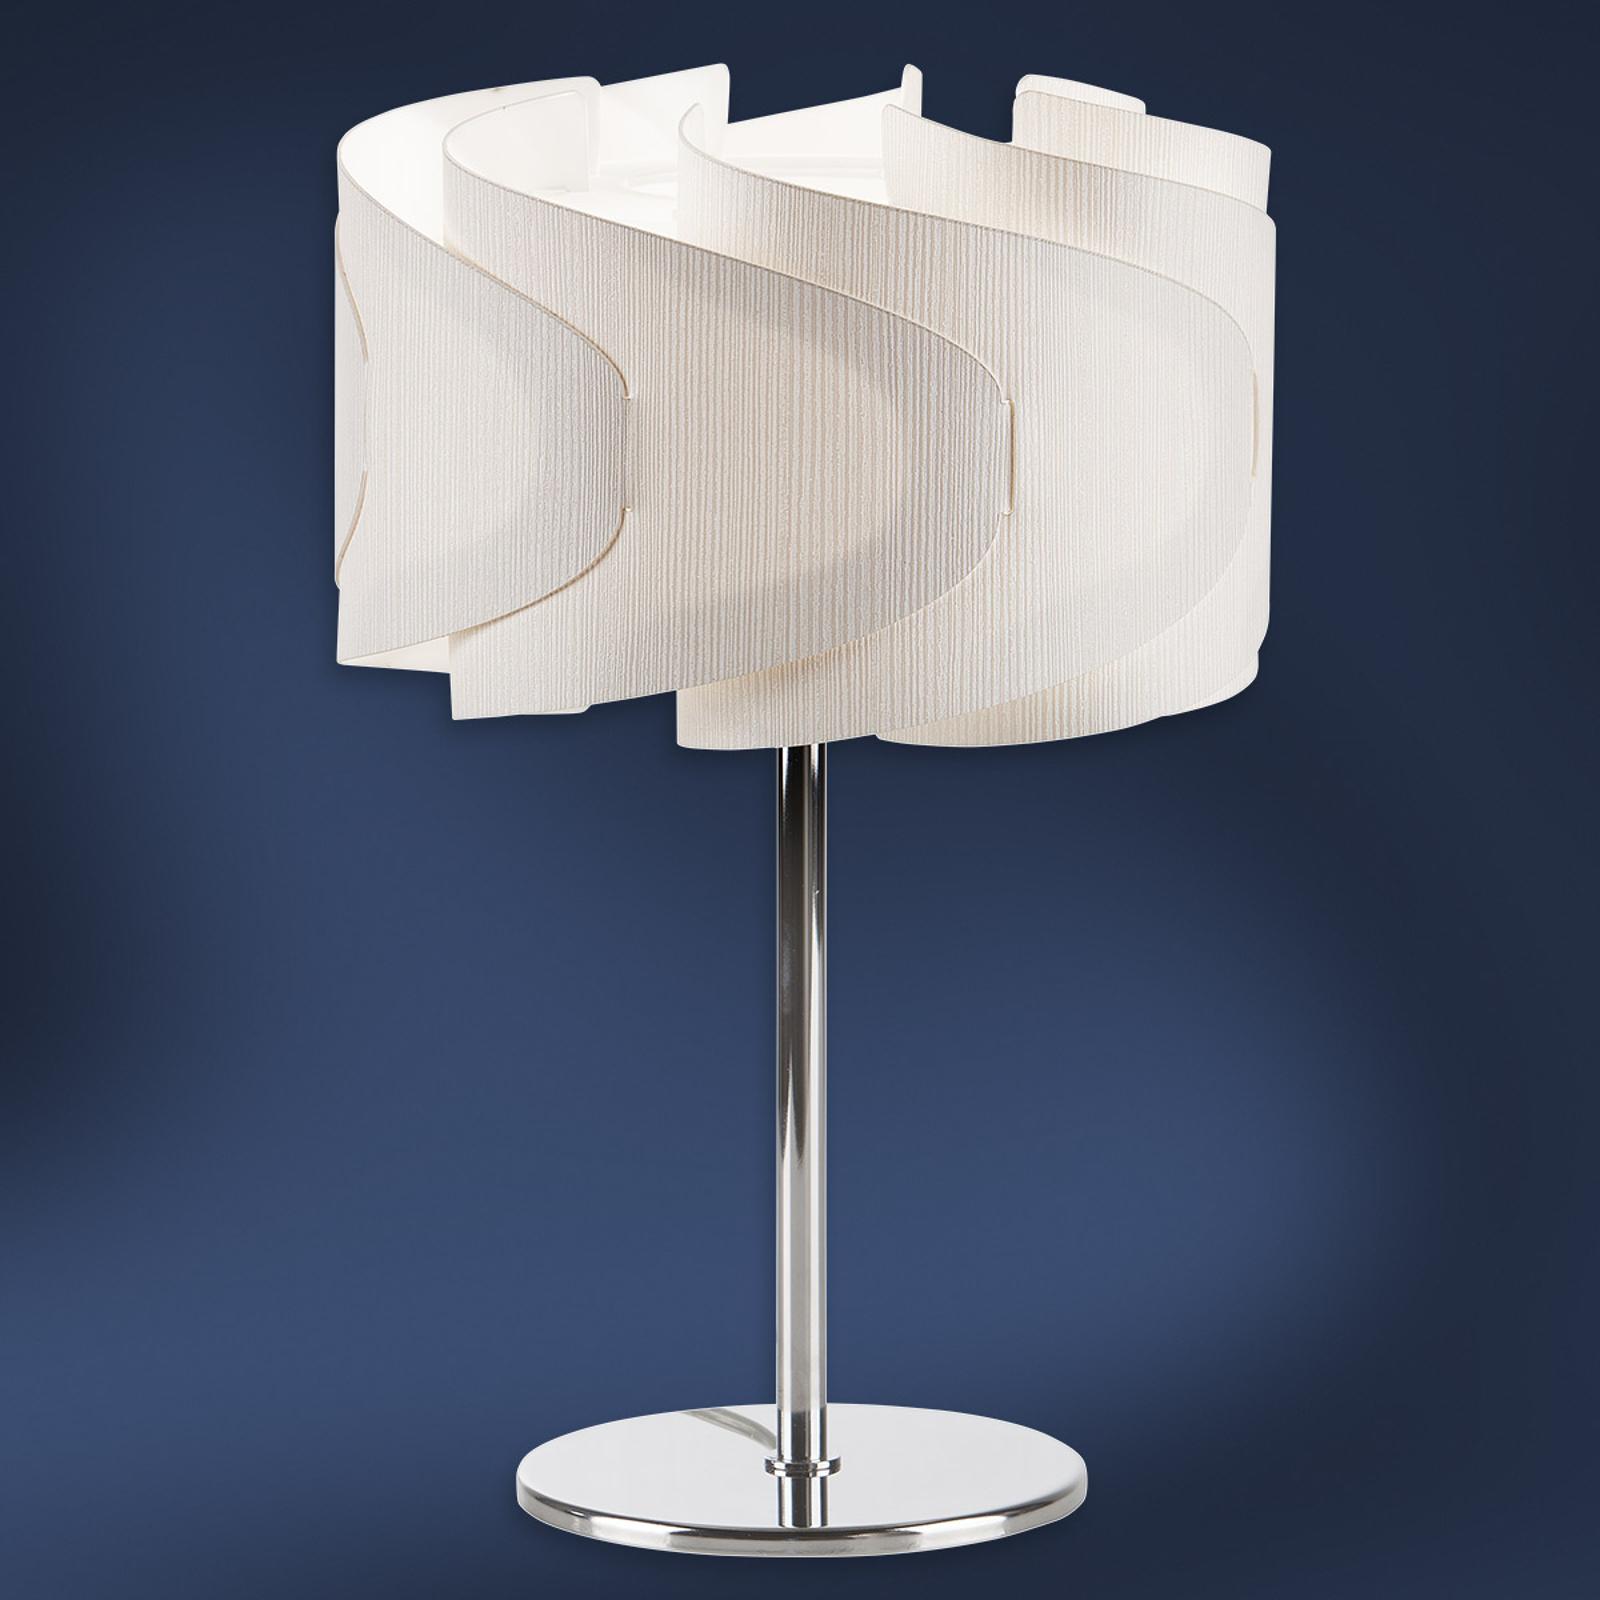 Stolní lampa Lumetto Ellix, vzhled dřeva